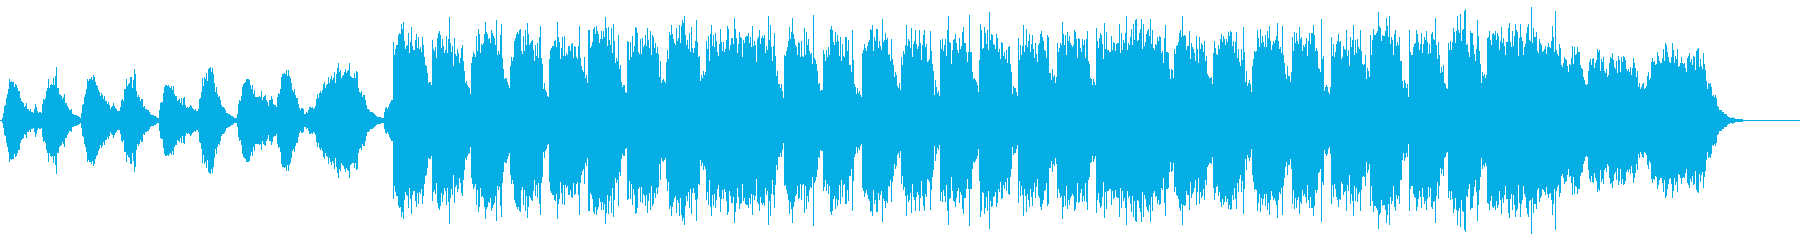 ネイチャー系BGMの再生済みの波形